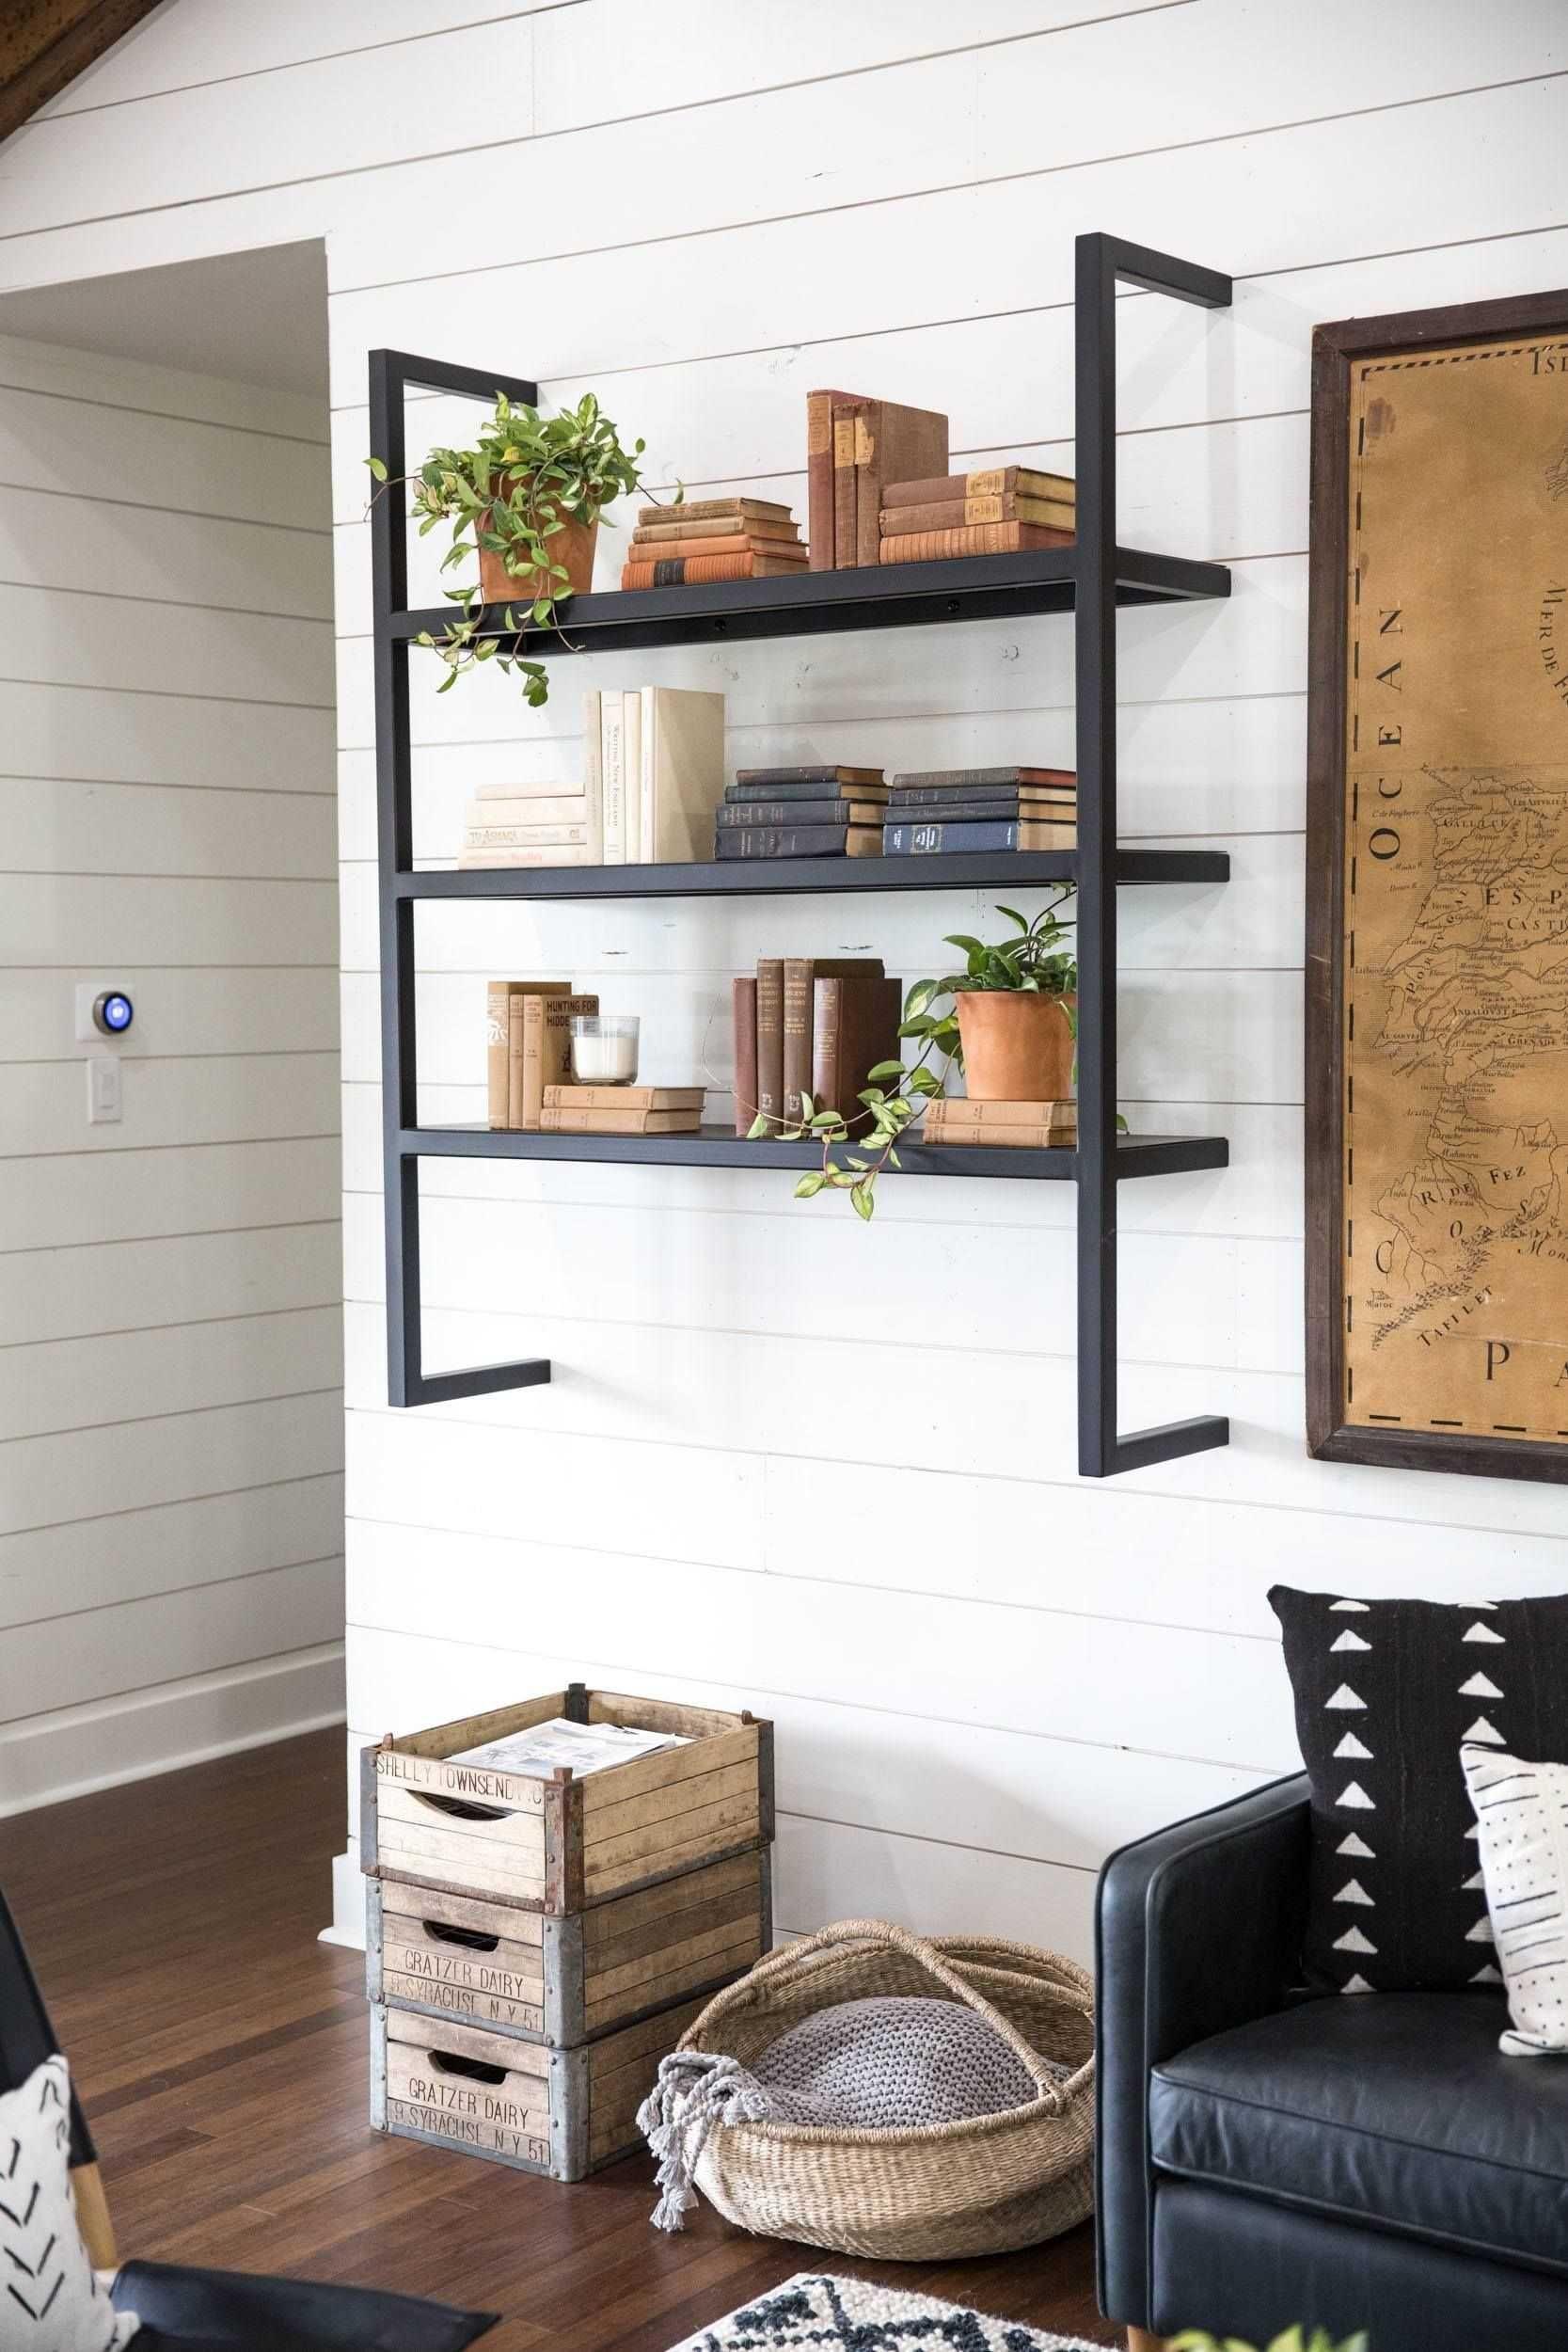 35 Best Farmhouse Bathroom Decor Ideas on A Budget images